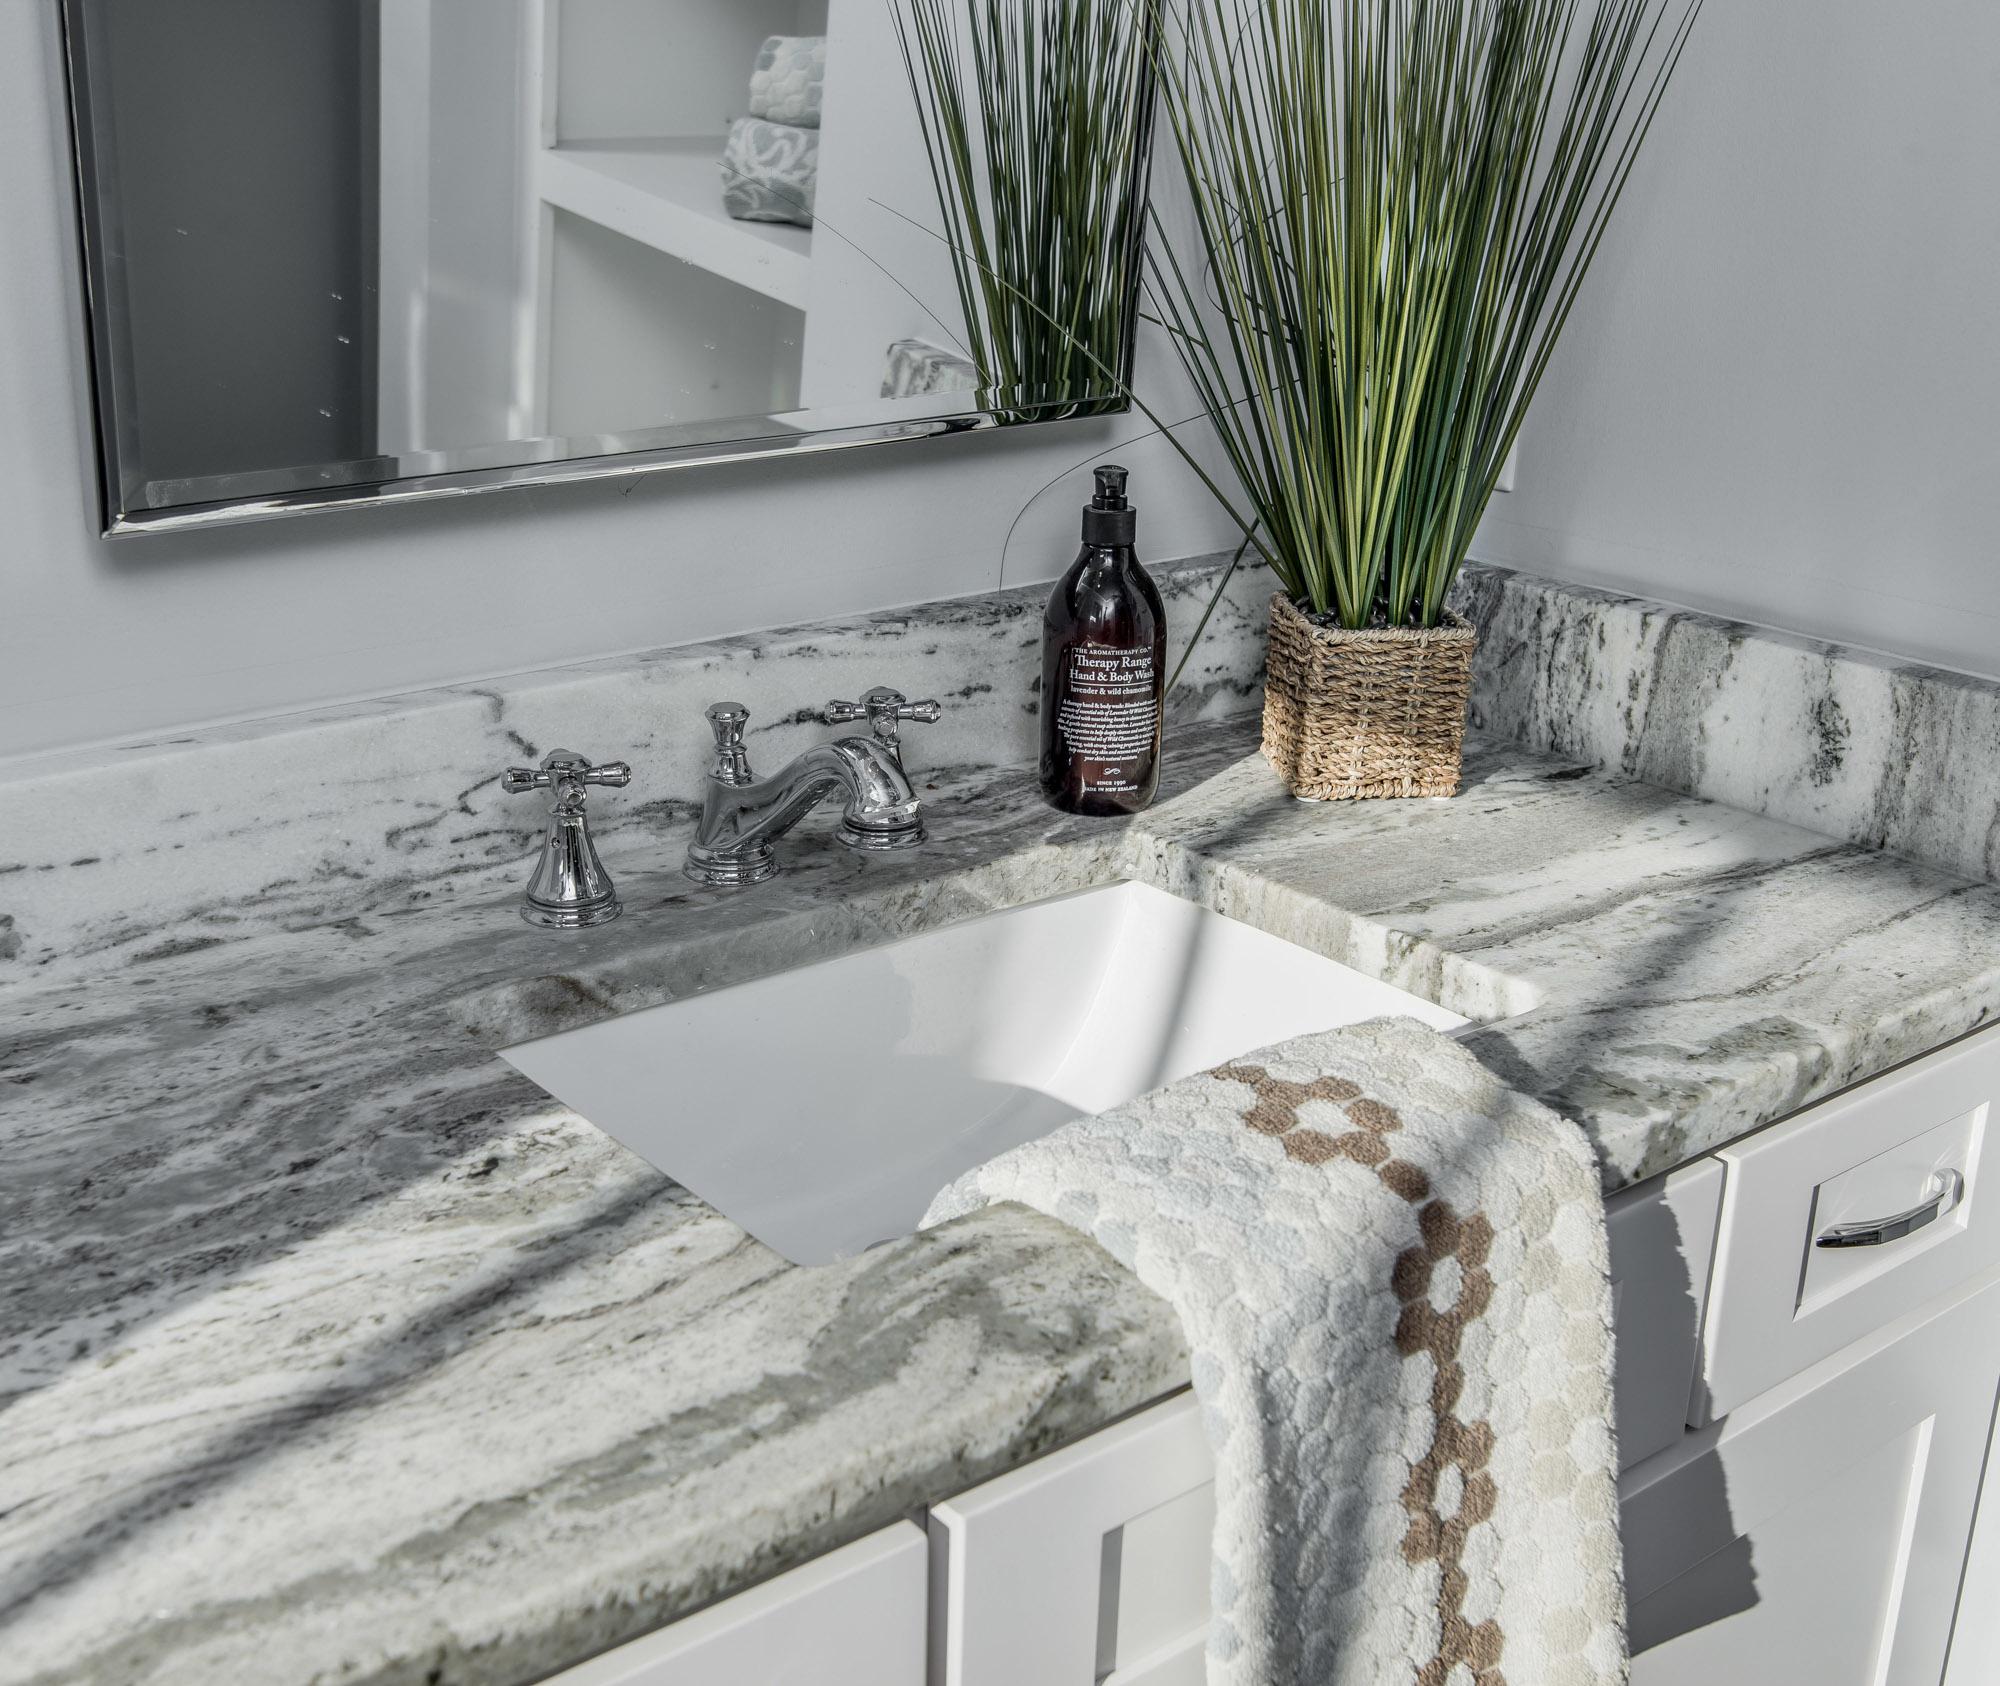 nashville-home-remodel-renovation-custom-home-tennessee-britt-development-group-1015.jpg